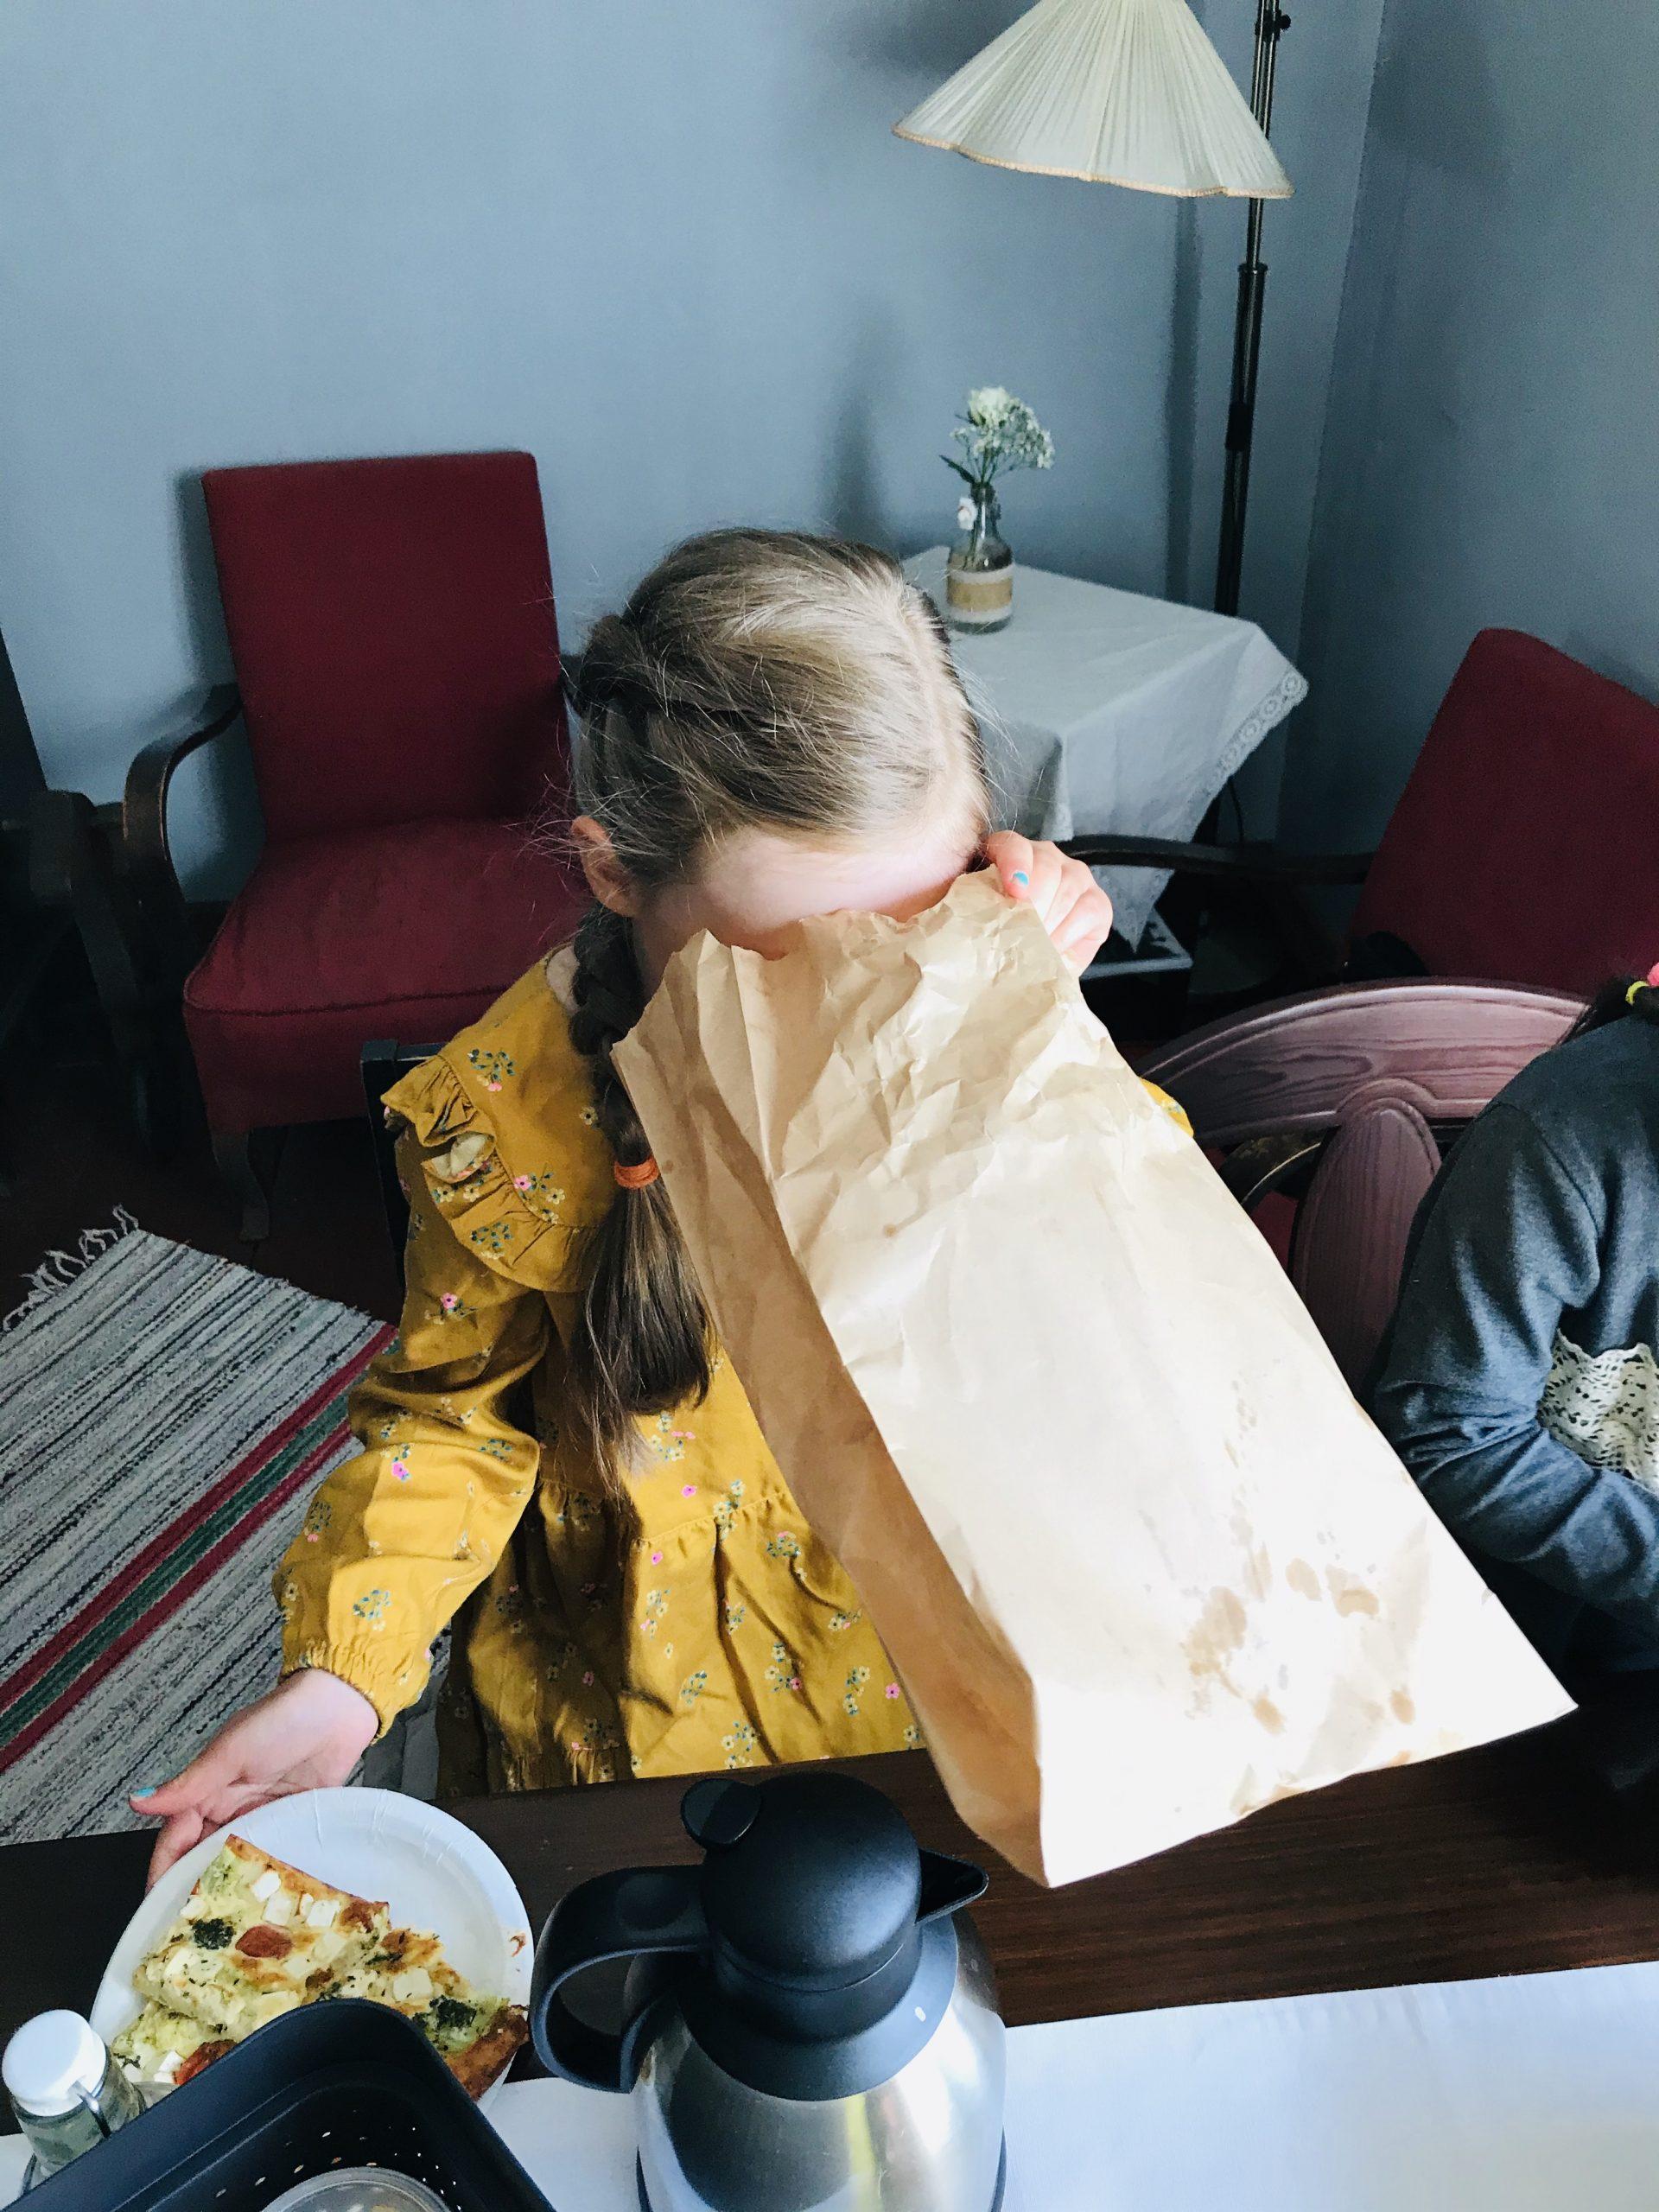 Elluyellow:n tyttö kurkistaa pussiin Cafe Hinttalassa.